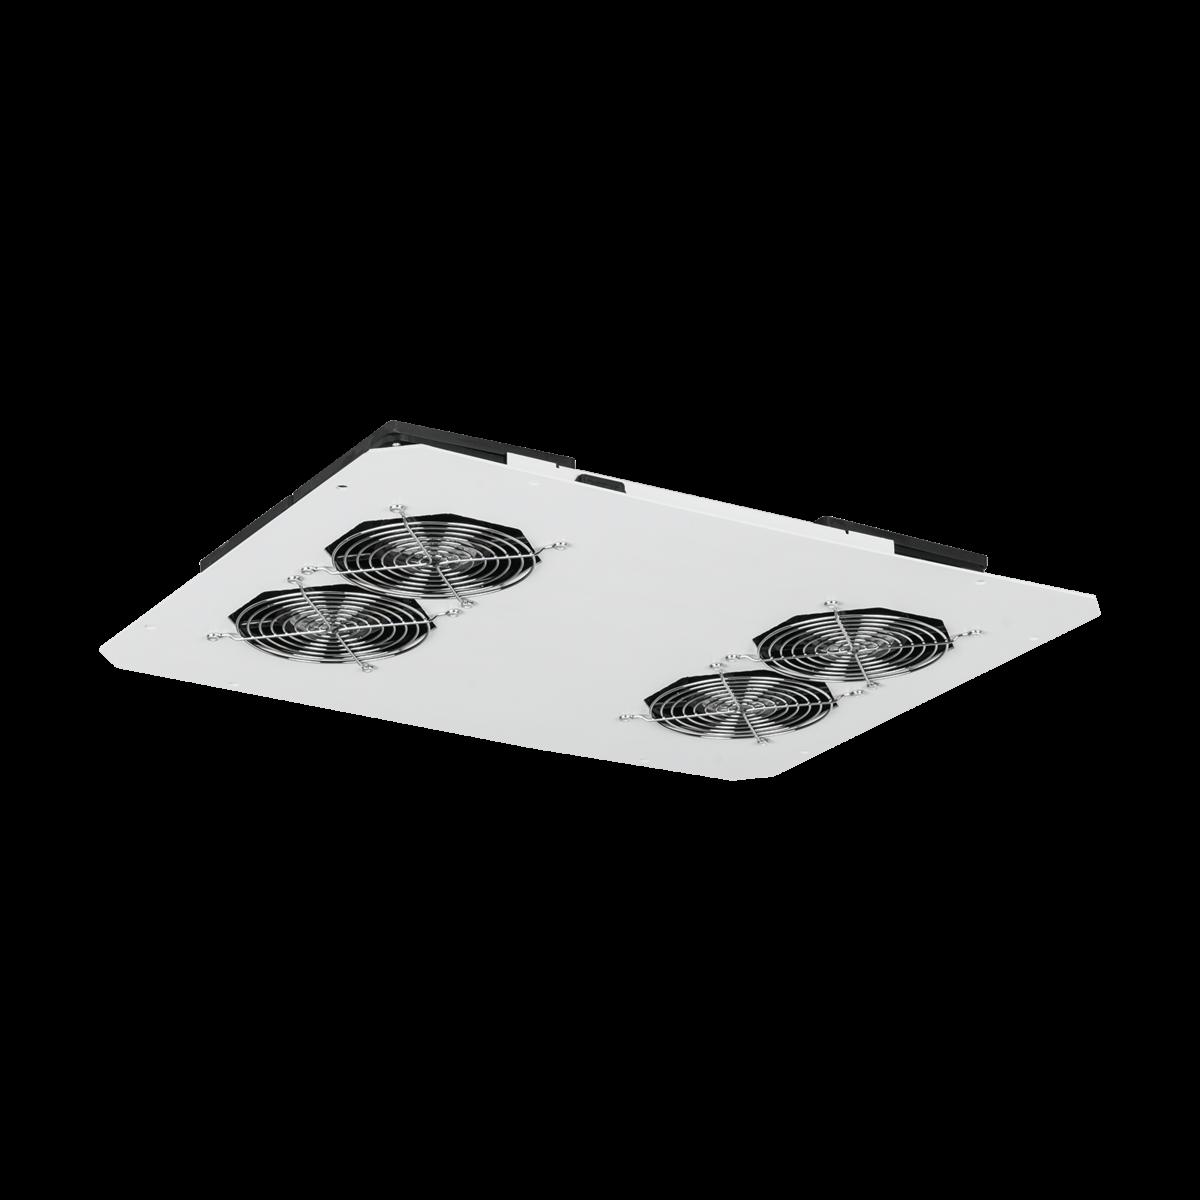 Вентиляторный блок TLK для напольных шкафов серий TFR, TFL, 4 вентилятора, нижние решетки пластиковые с фильтром, без шнура питания